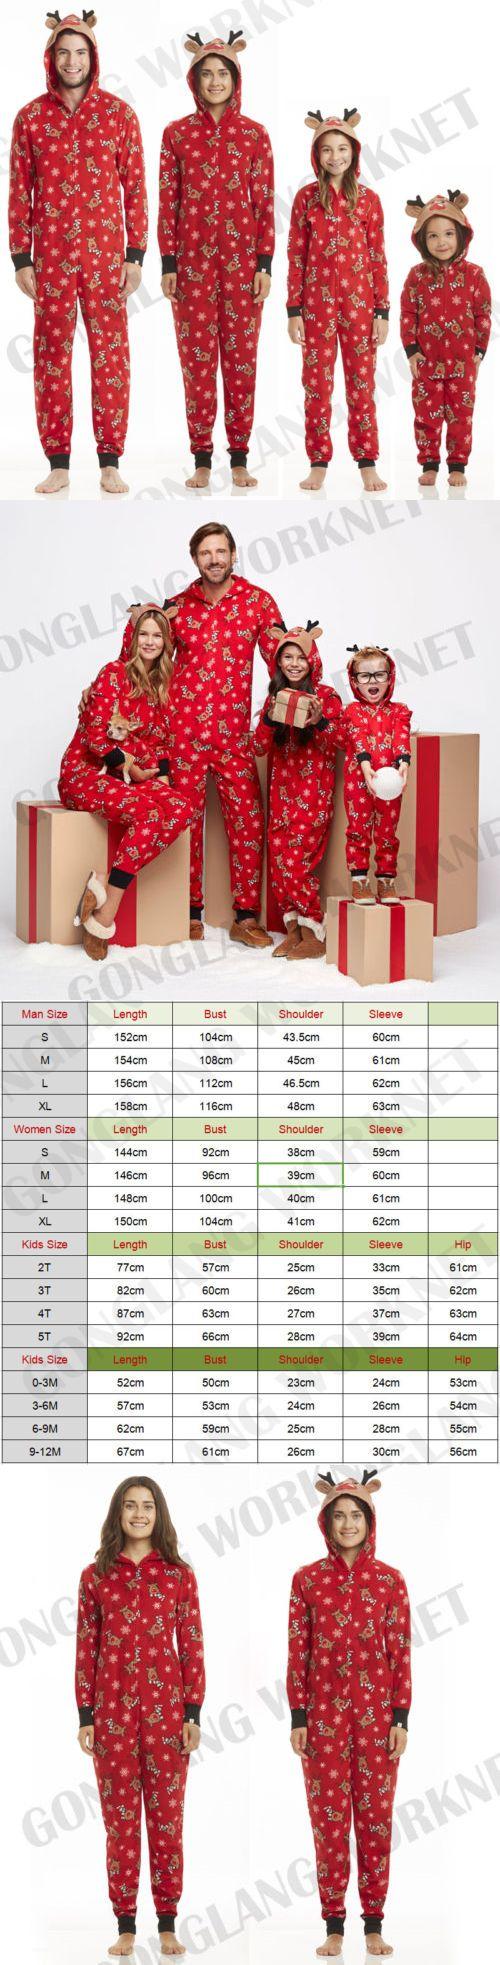 56c36c6467 Sleepwear 99735  Family Matching Christmas Pajamas Set Mom Dad Kids Deer  Sleepwear Nightwear Zip -